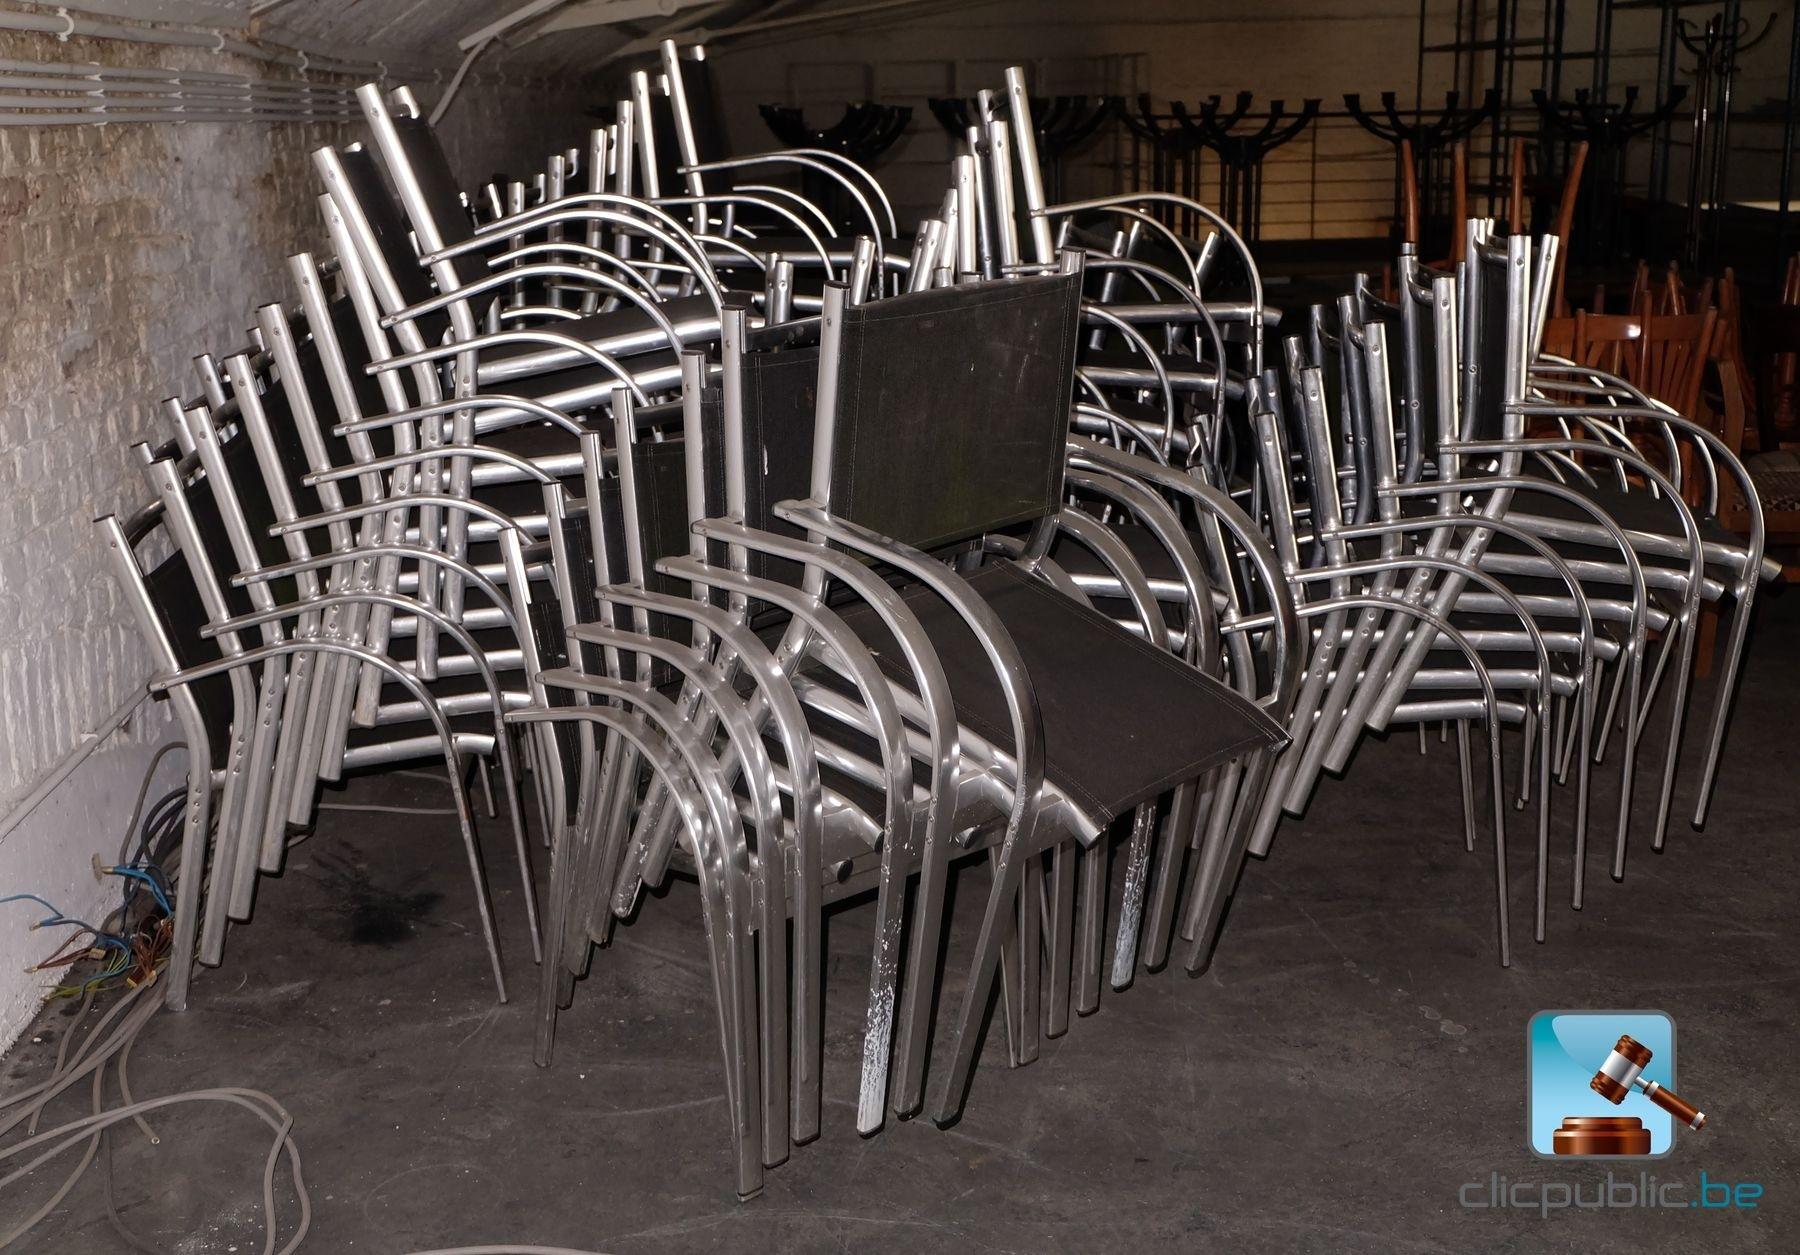 Mobilier de terrasse 75 fauteuils ref 52 vendre sur - Mobilier terrasse occasion ...